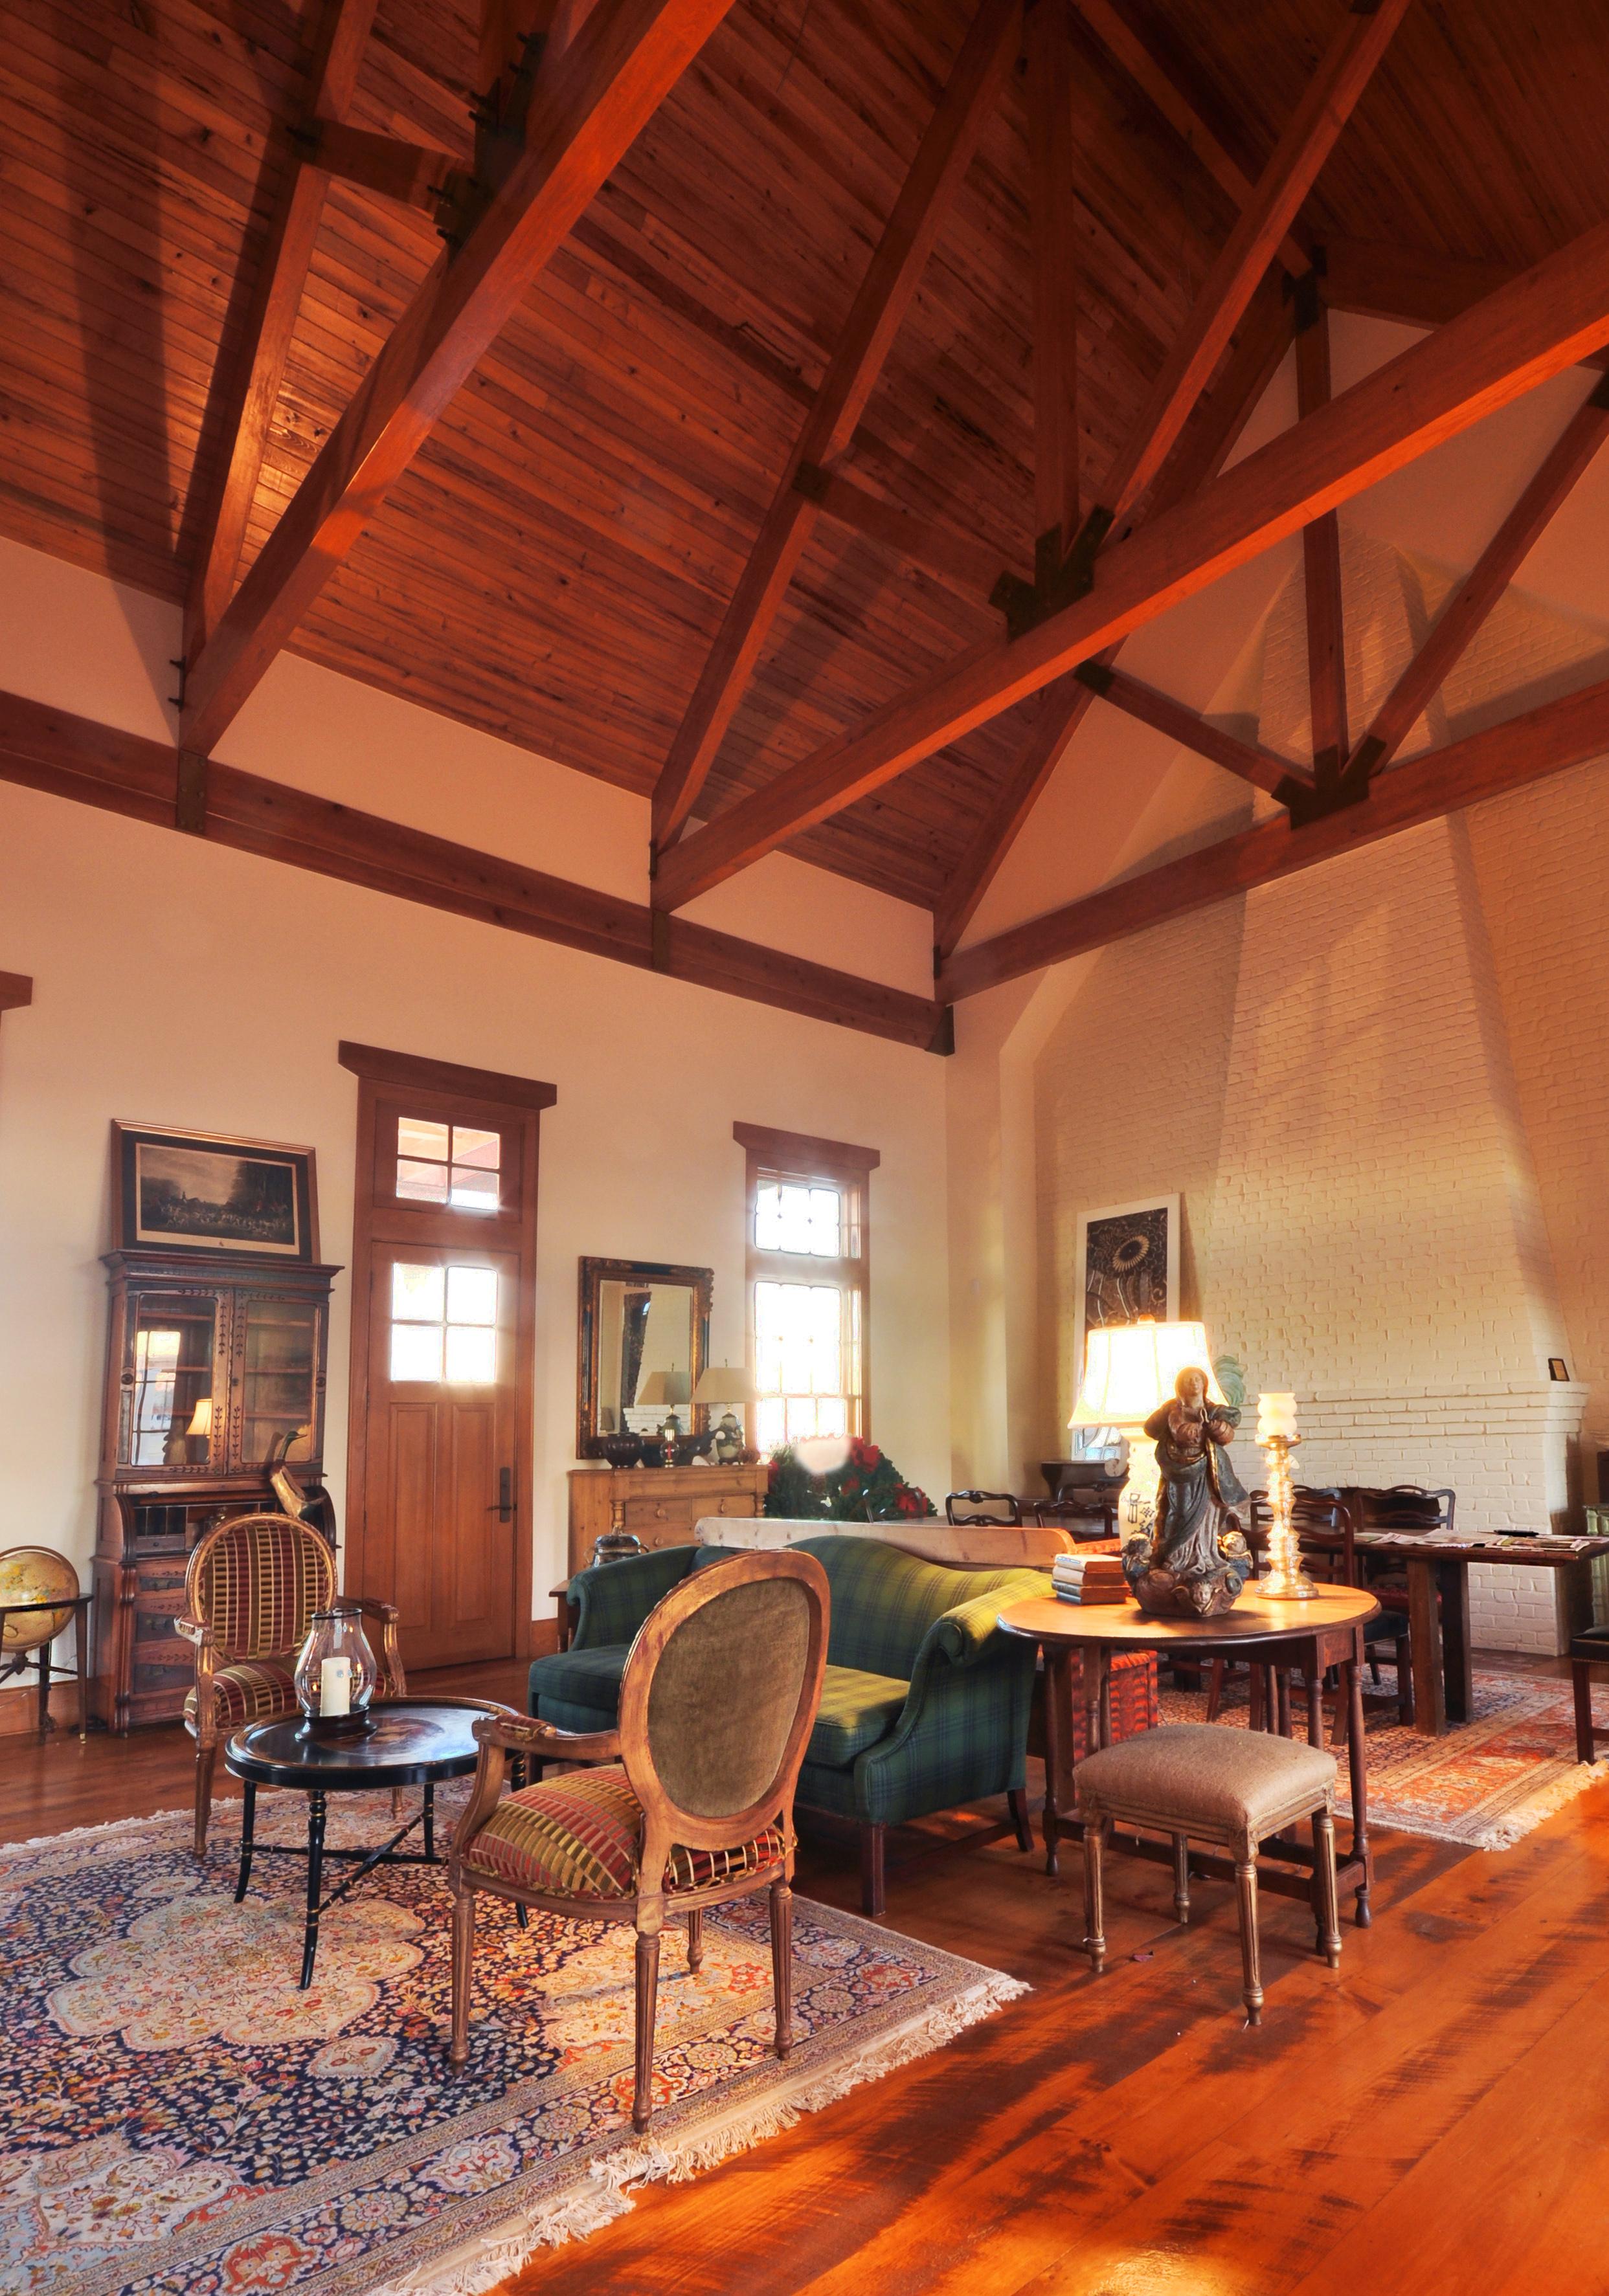 Bearskin_vaulted_ceiling.jpg